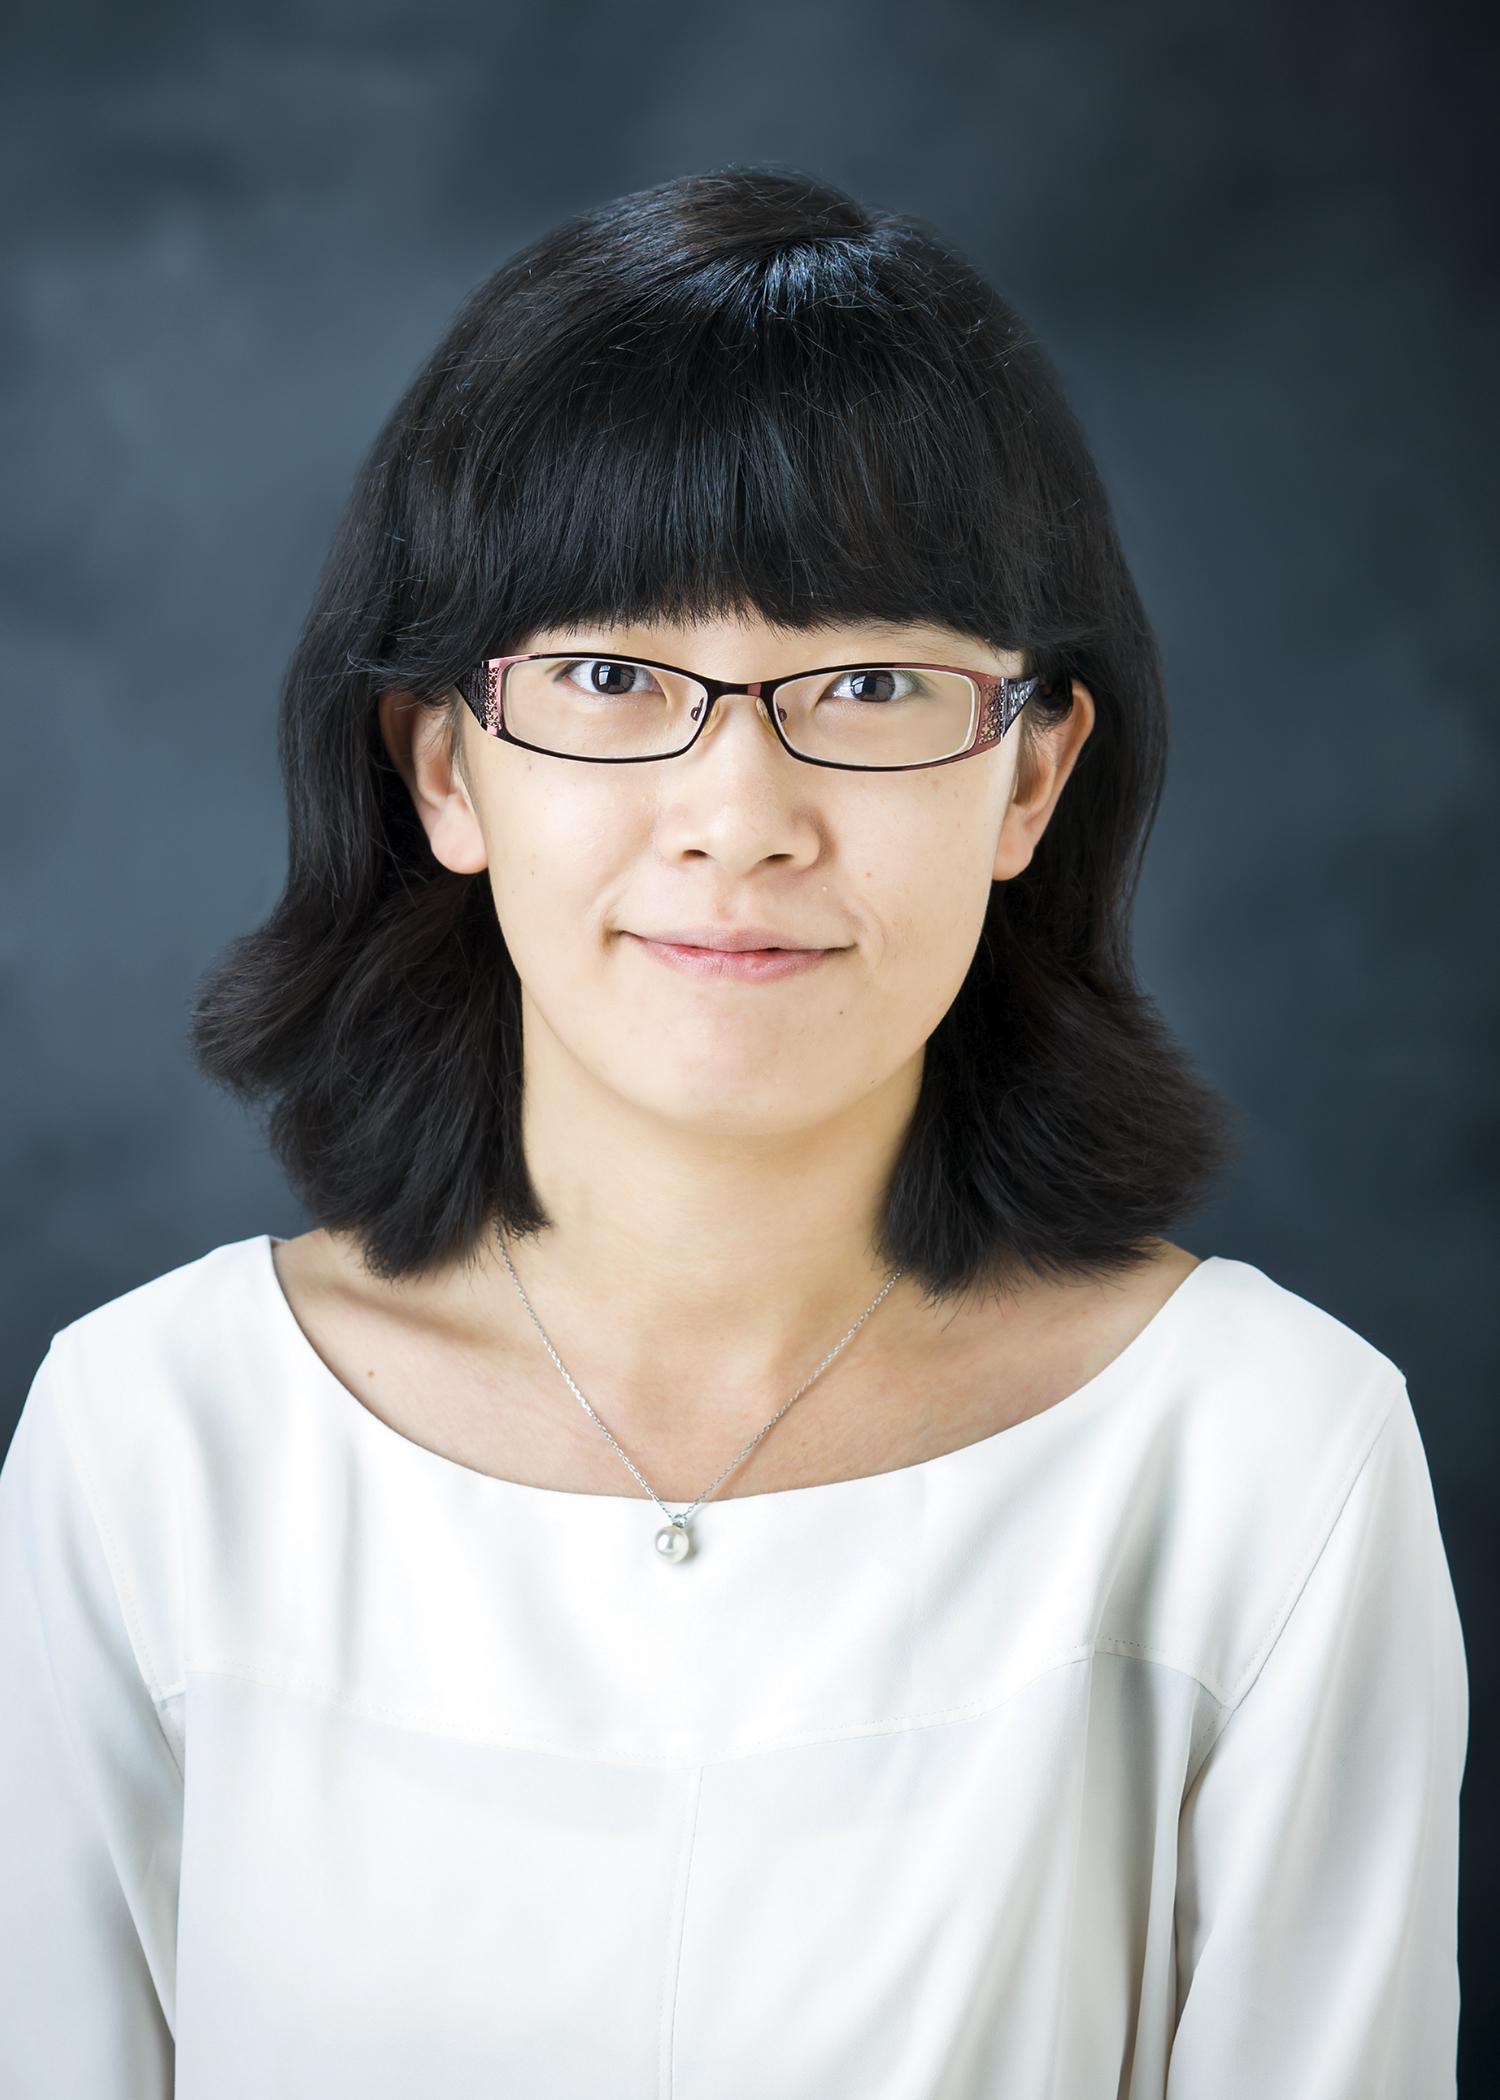 Wenmeng Tian